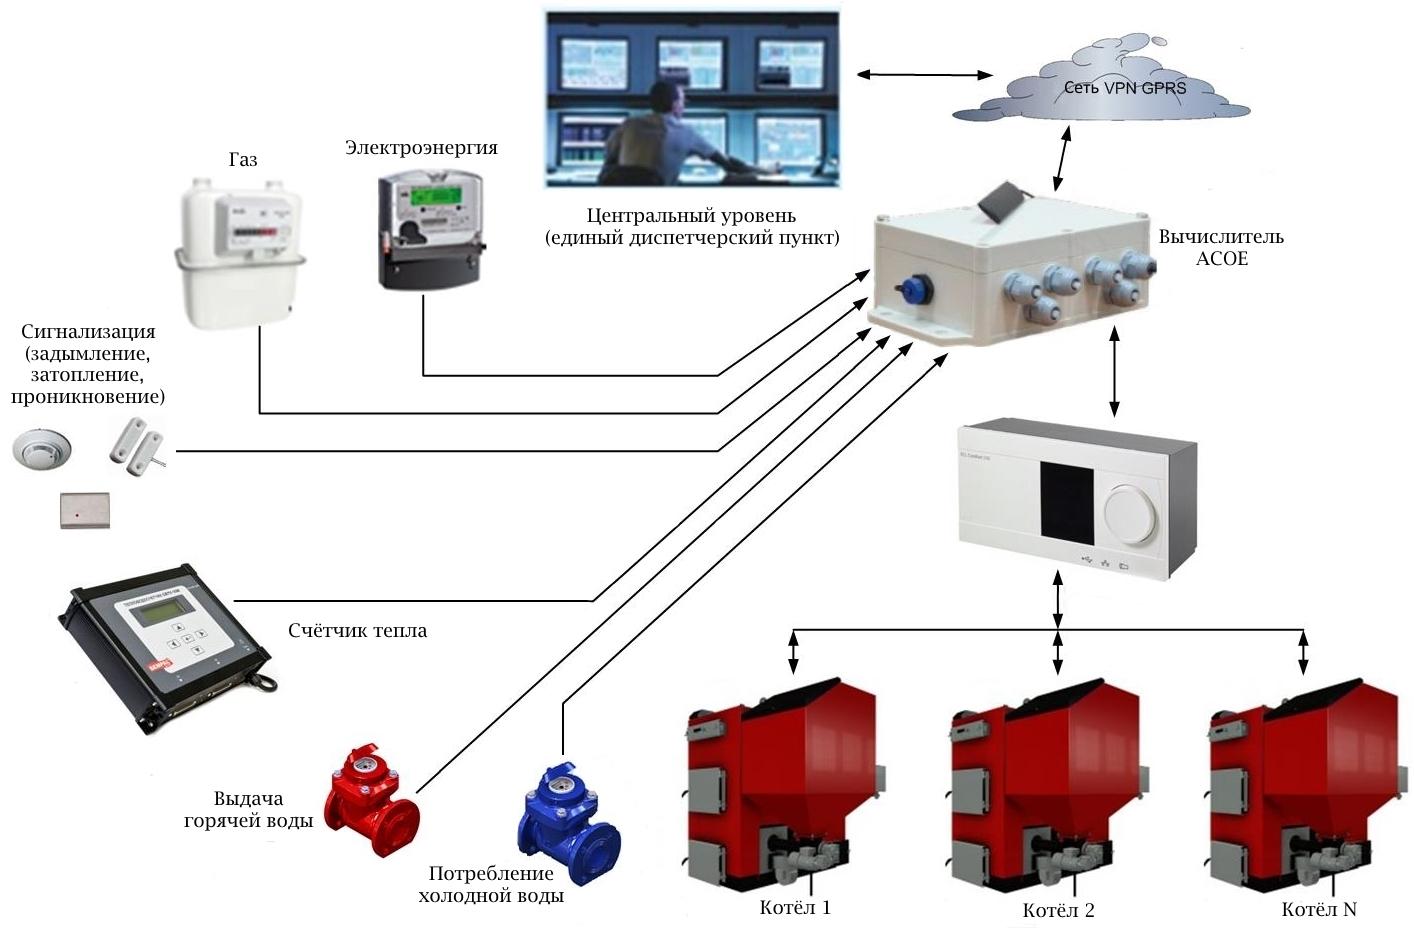 Архитектурная реализация системы диспетчеризации теплоснабжения